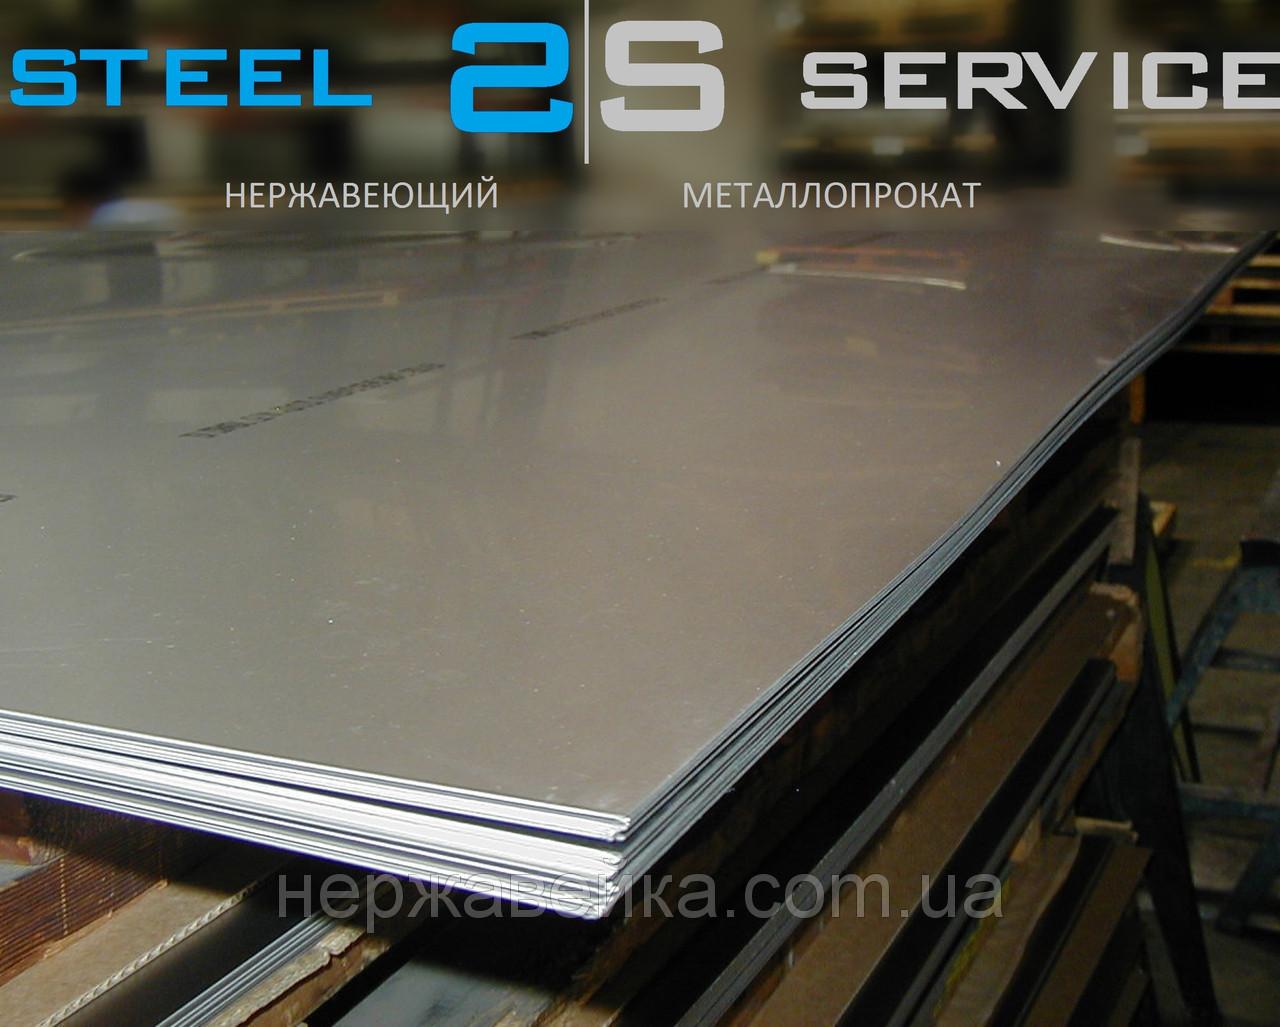 Нержавіючий лист 12х1250х2500мм AISI 316L(03Х17Н14М3) F1 - гарячекатаний, кислотостійкий